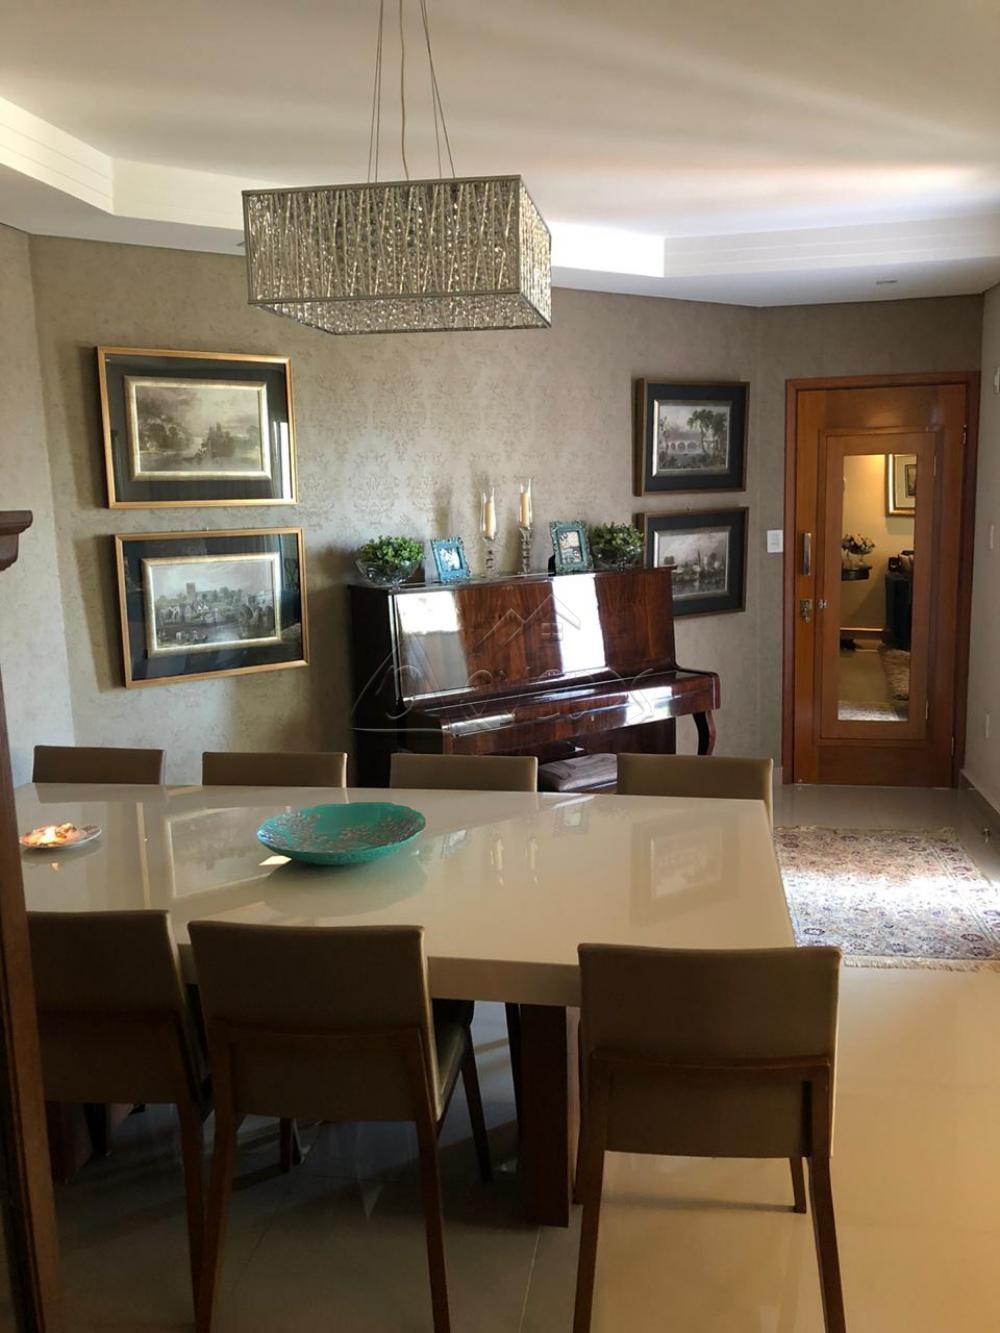 Comprar Apartamento / Padrão em Barretos apenas R$ 700.000,00 - Foto 9